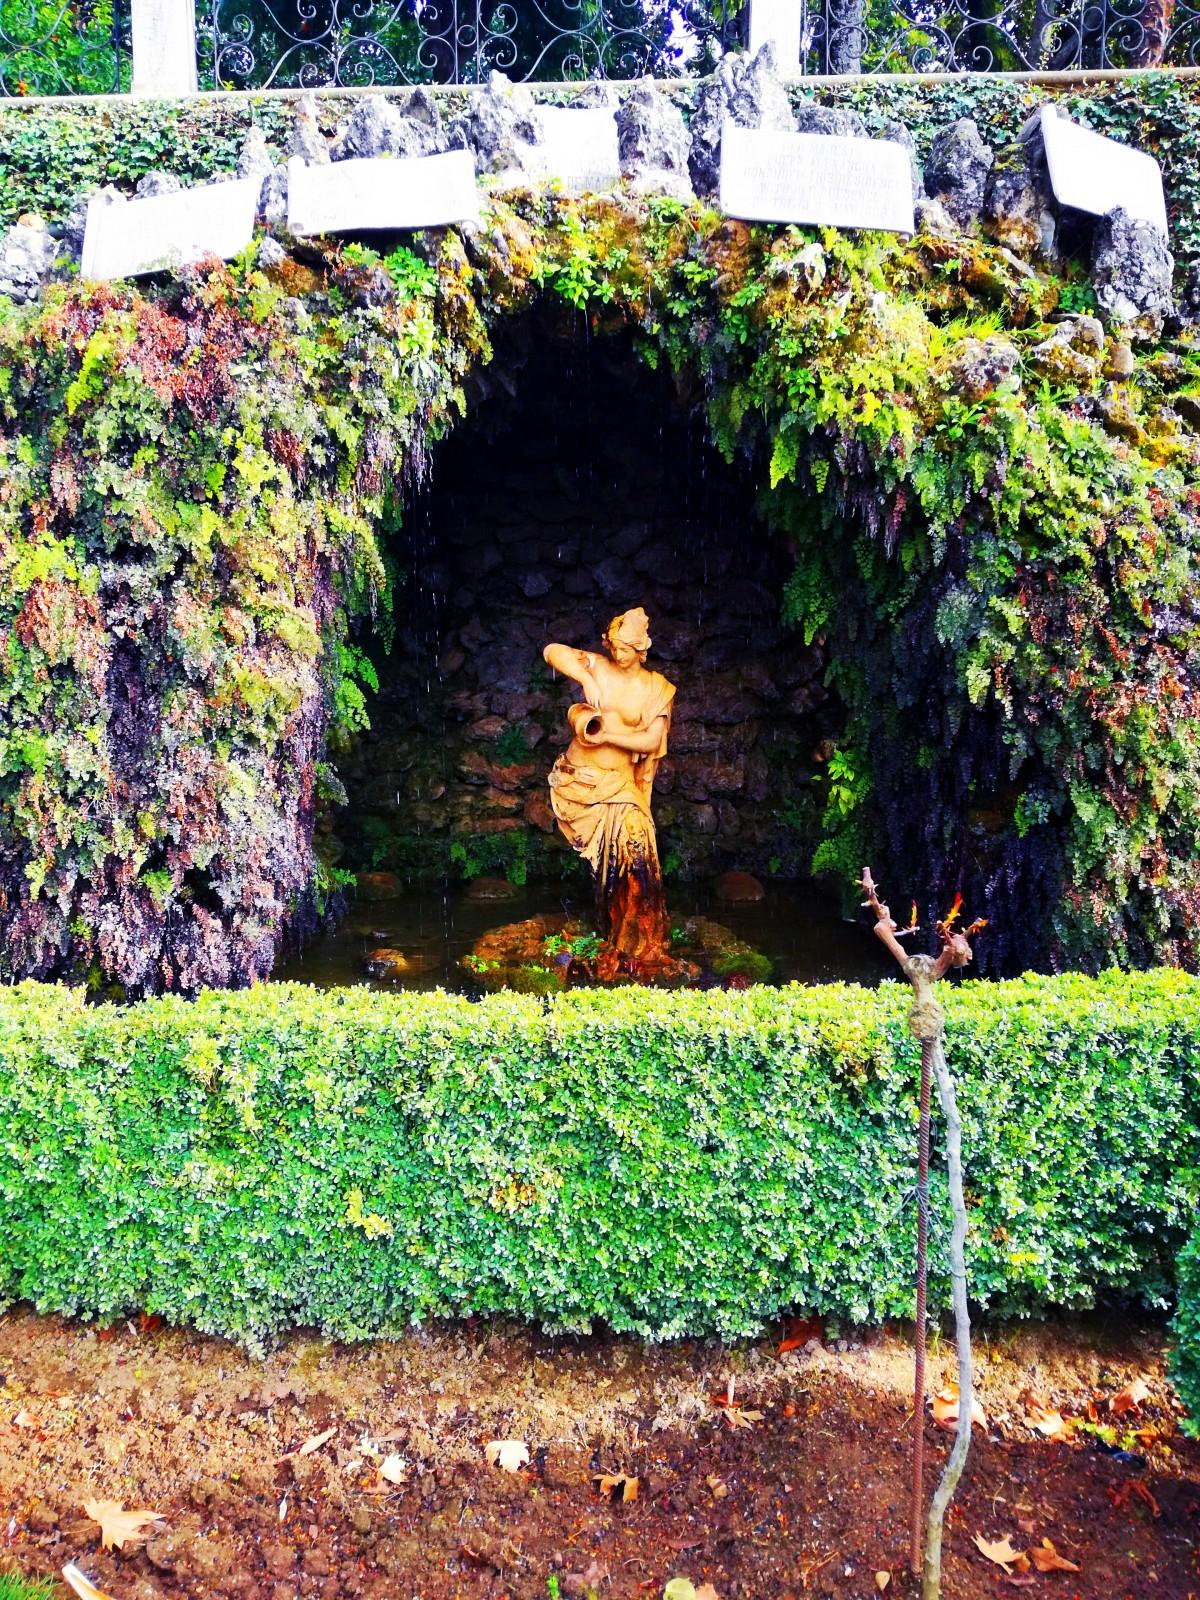 Plante Sur Les Murs images gratuites : la nature, vert, plante, feuille, jardin